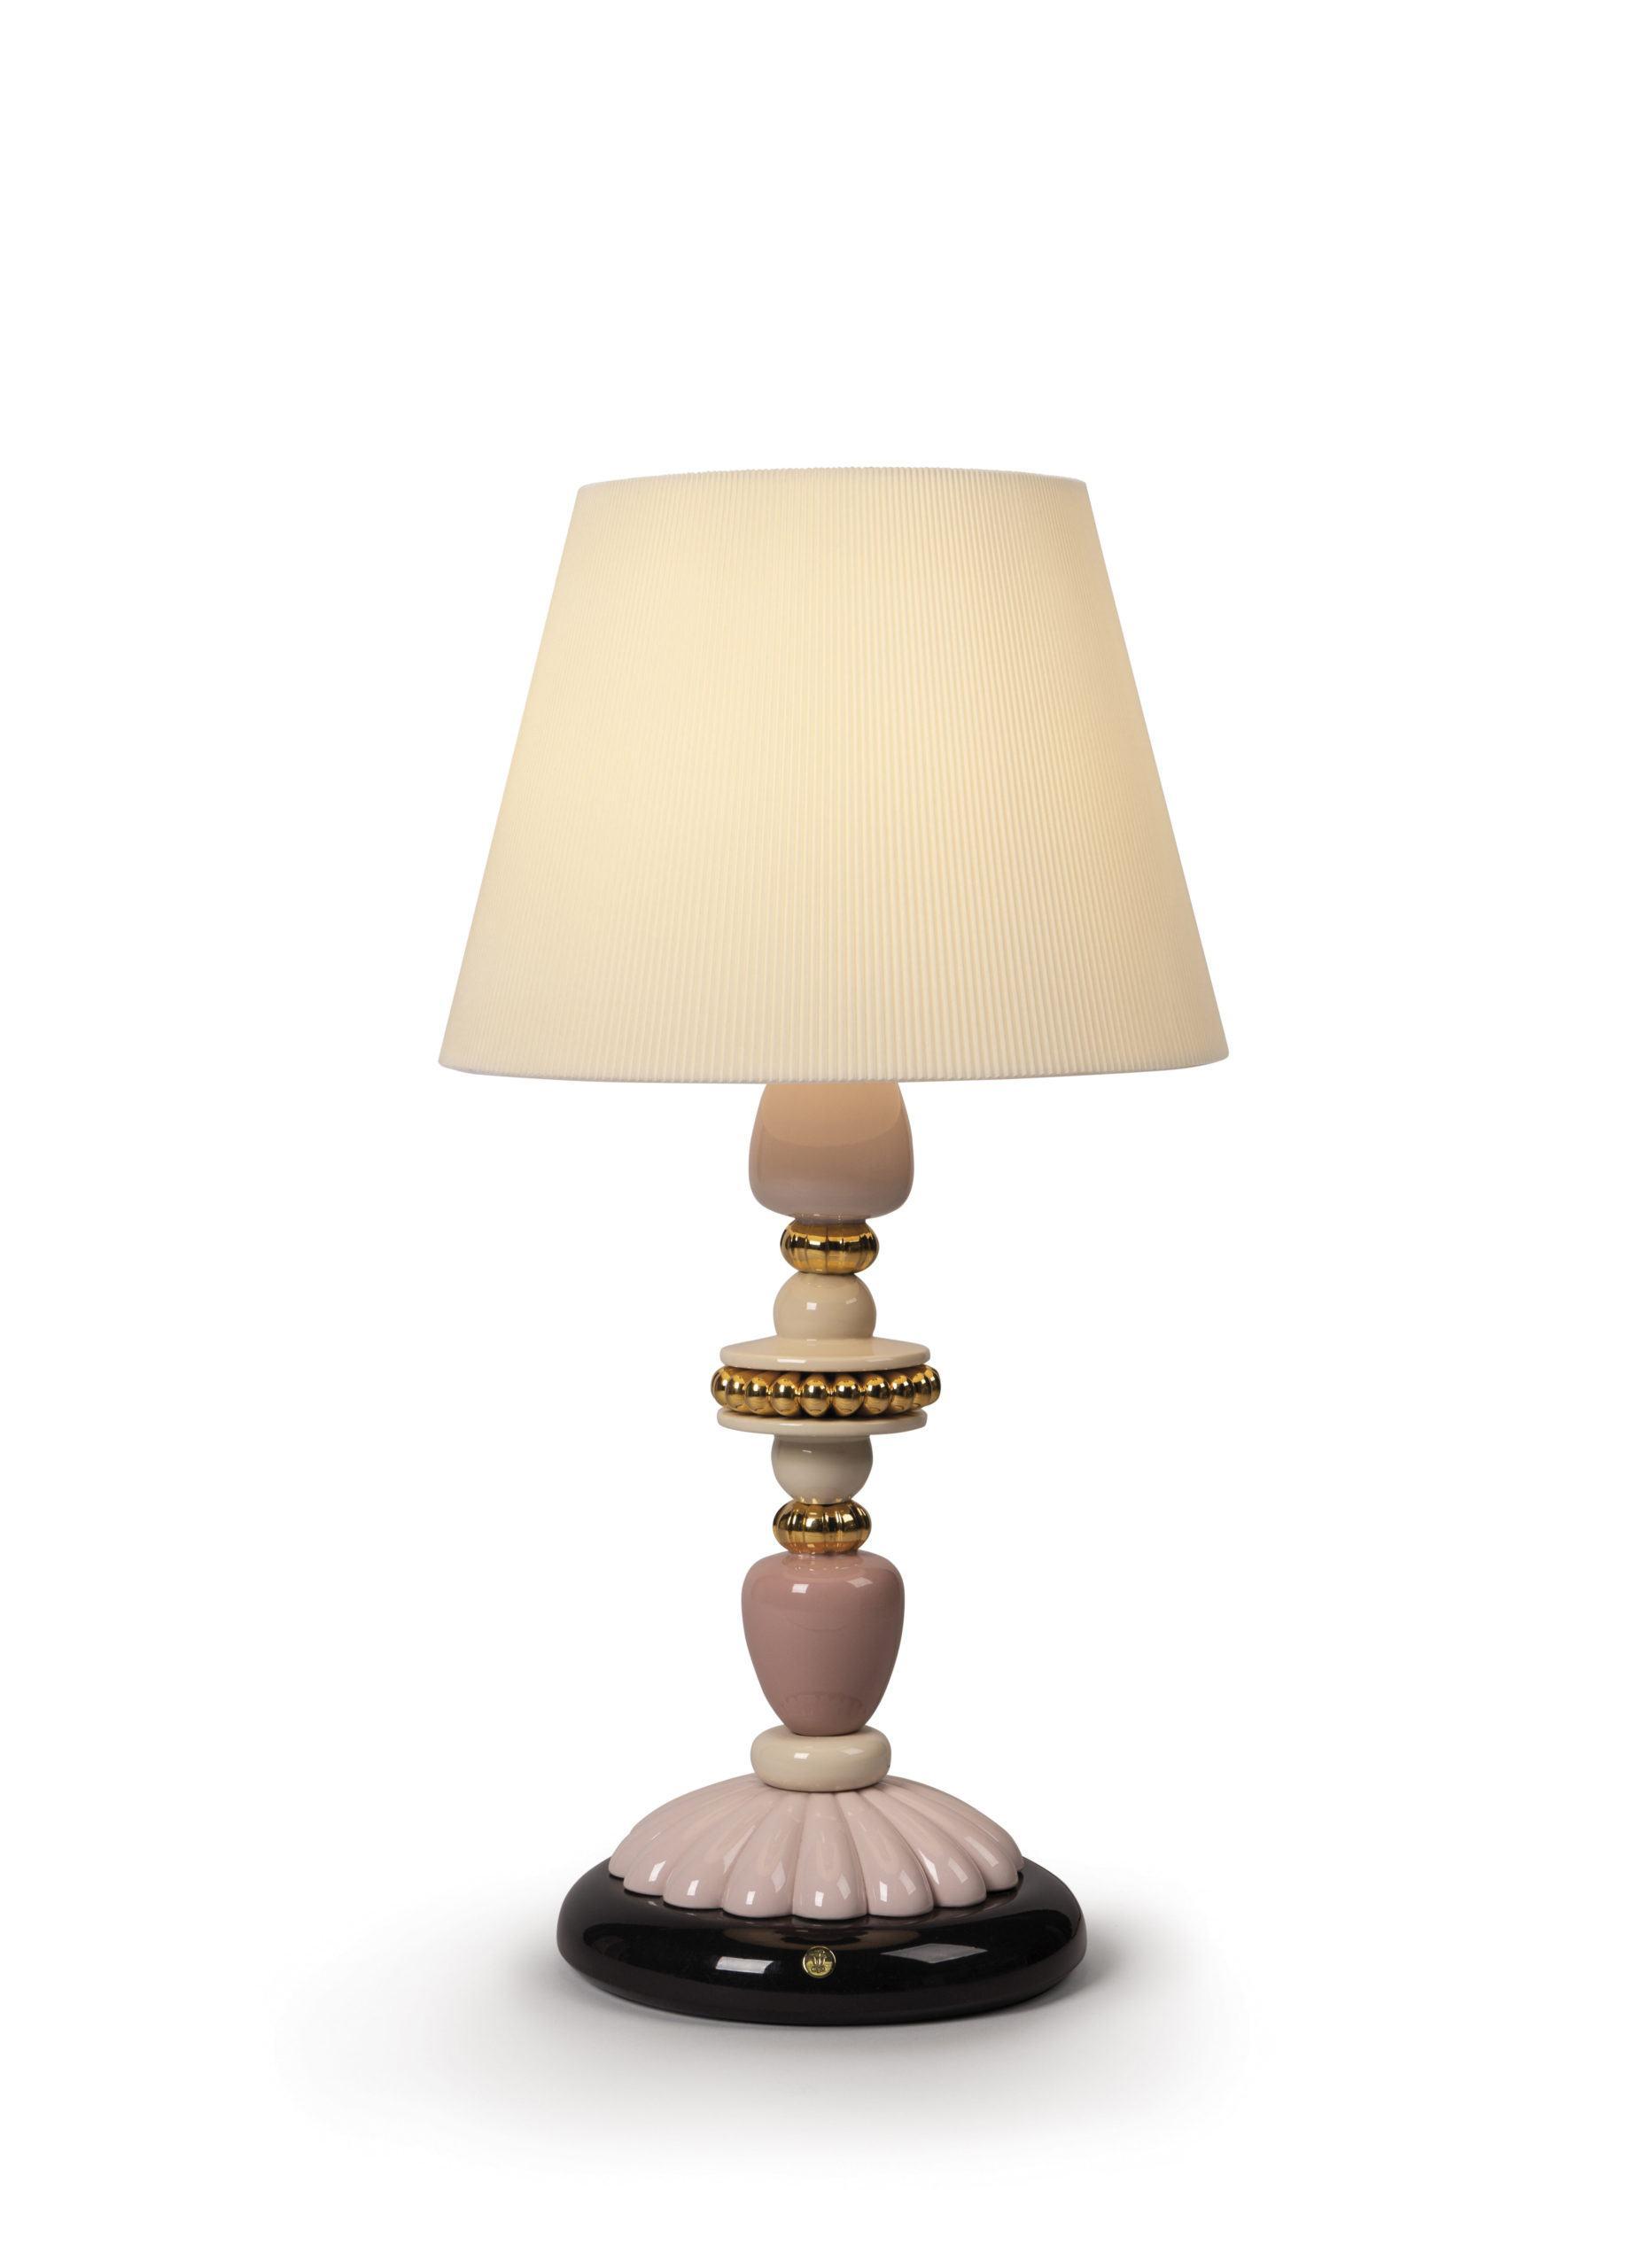 Настольная лампа Firefly Pink and Golden Luster